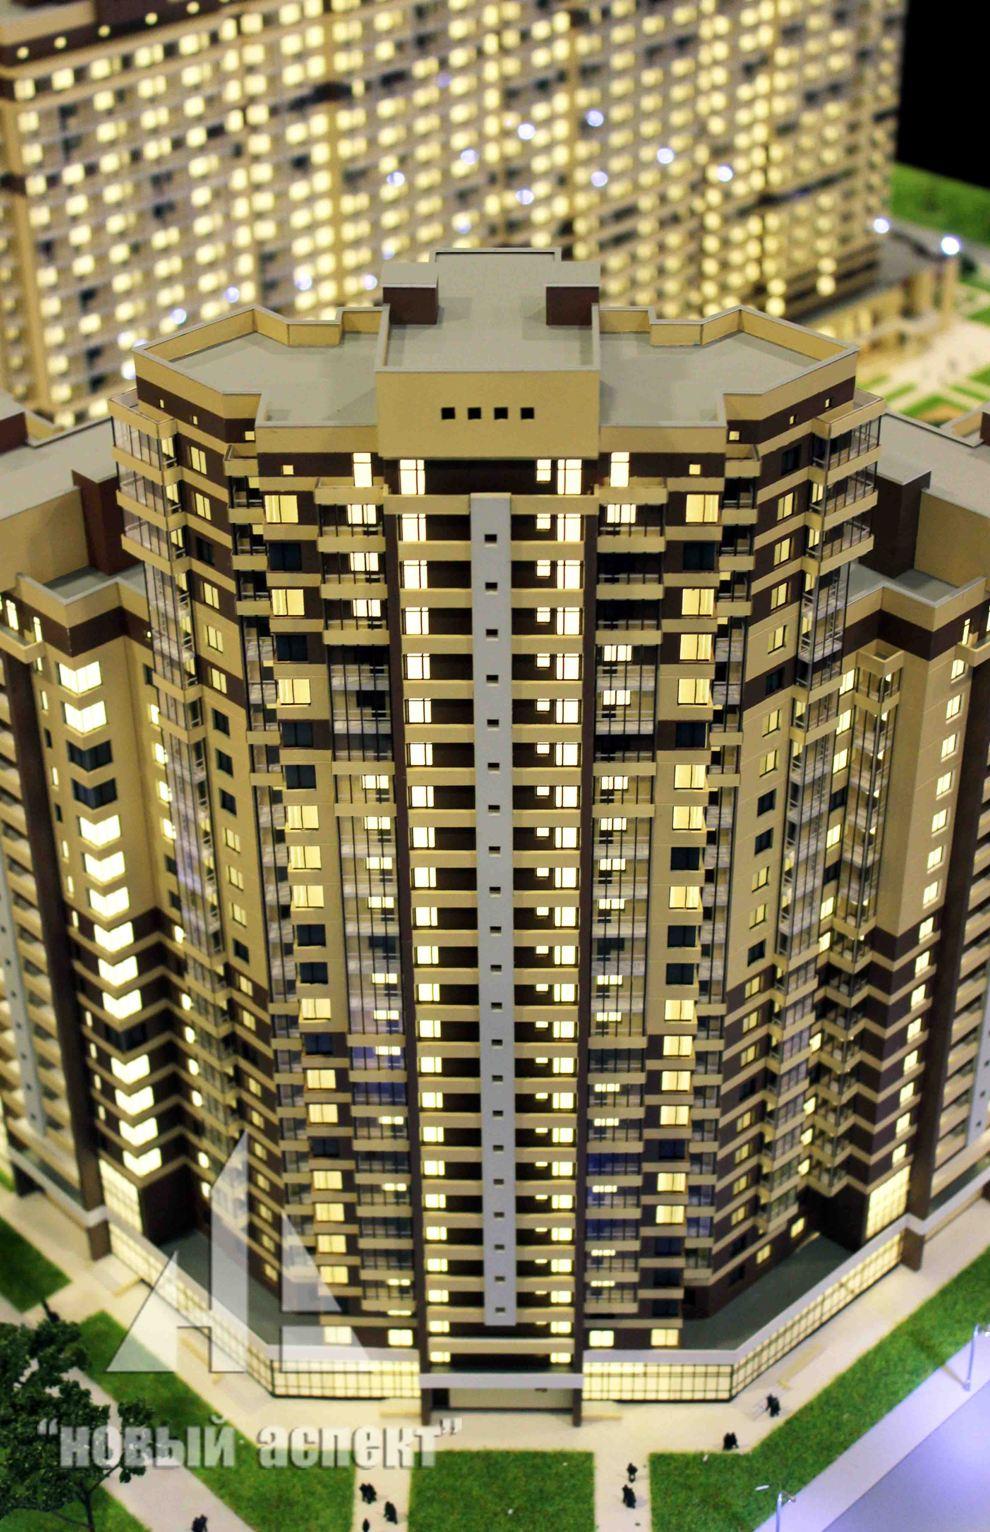 Макеты жилых домов и комплексов Мурино (4)